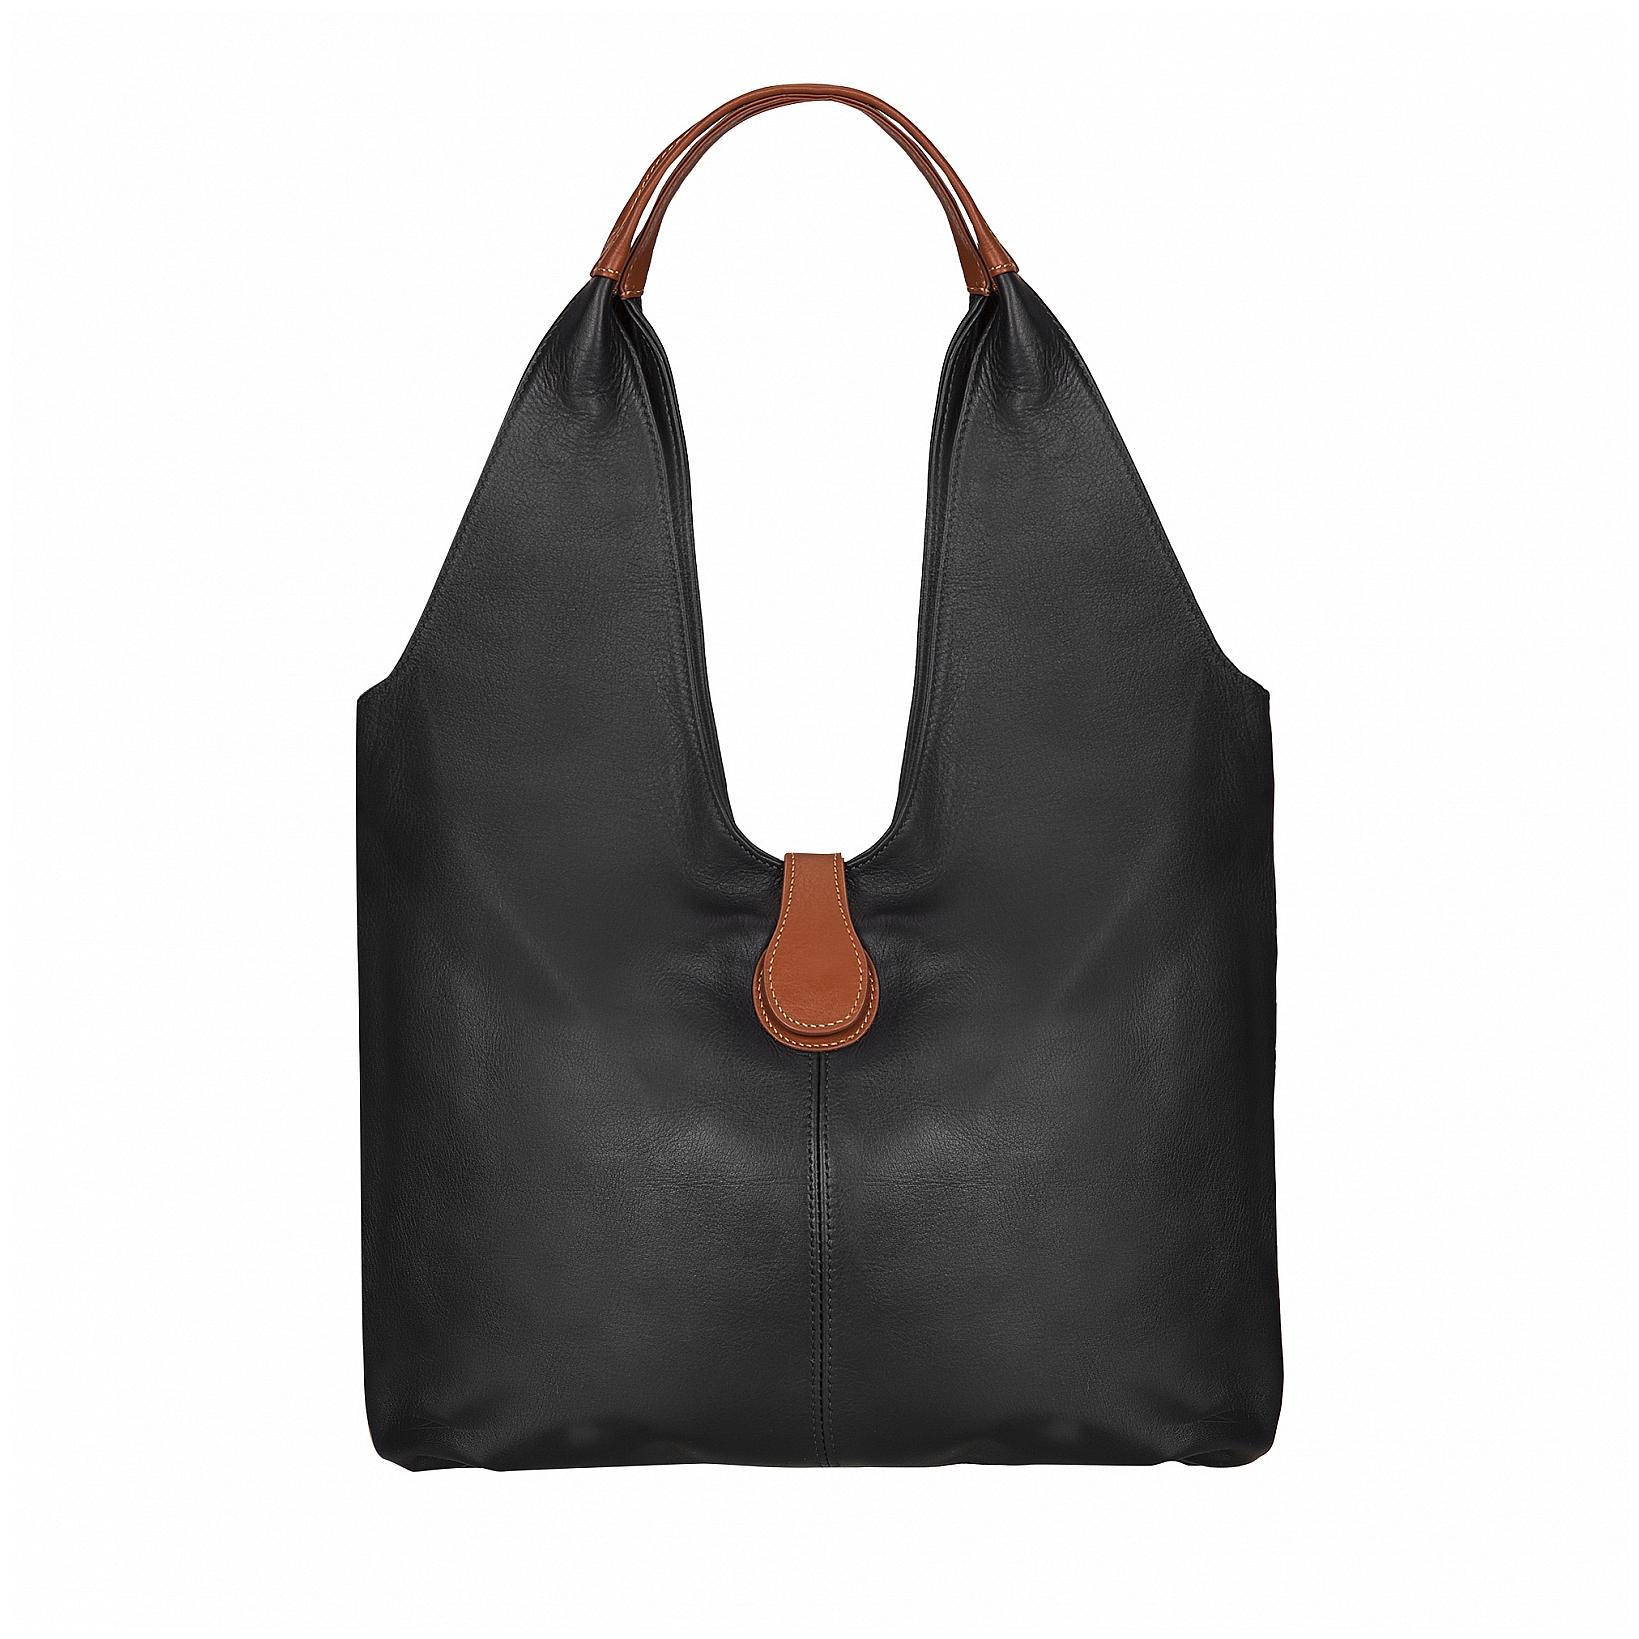 ESTELLE Dámská kožená shopper kabelka 1381-06 černá